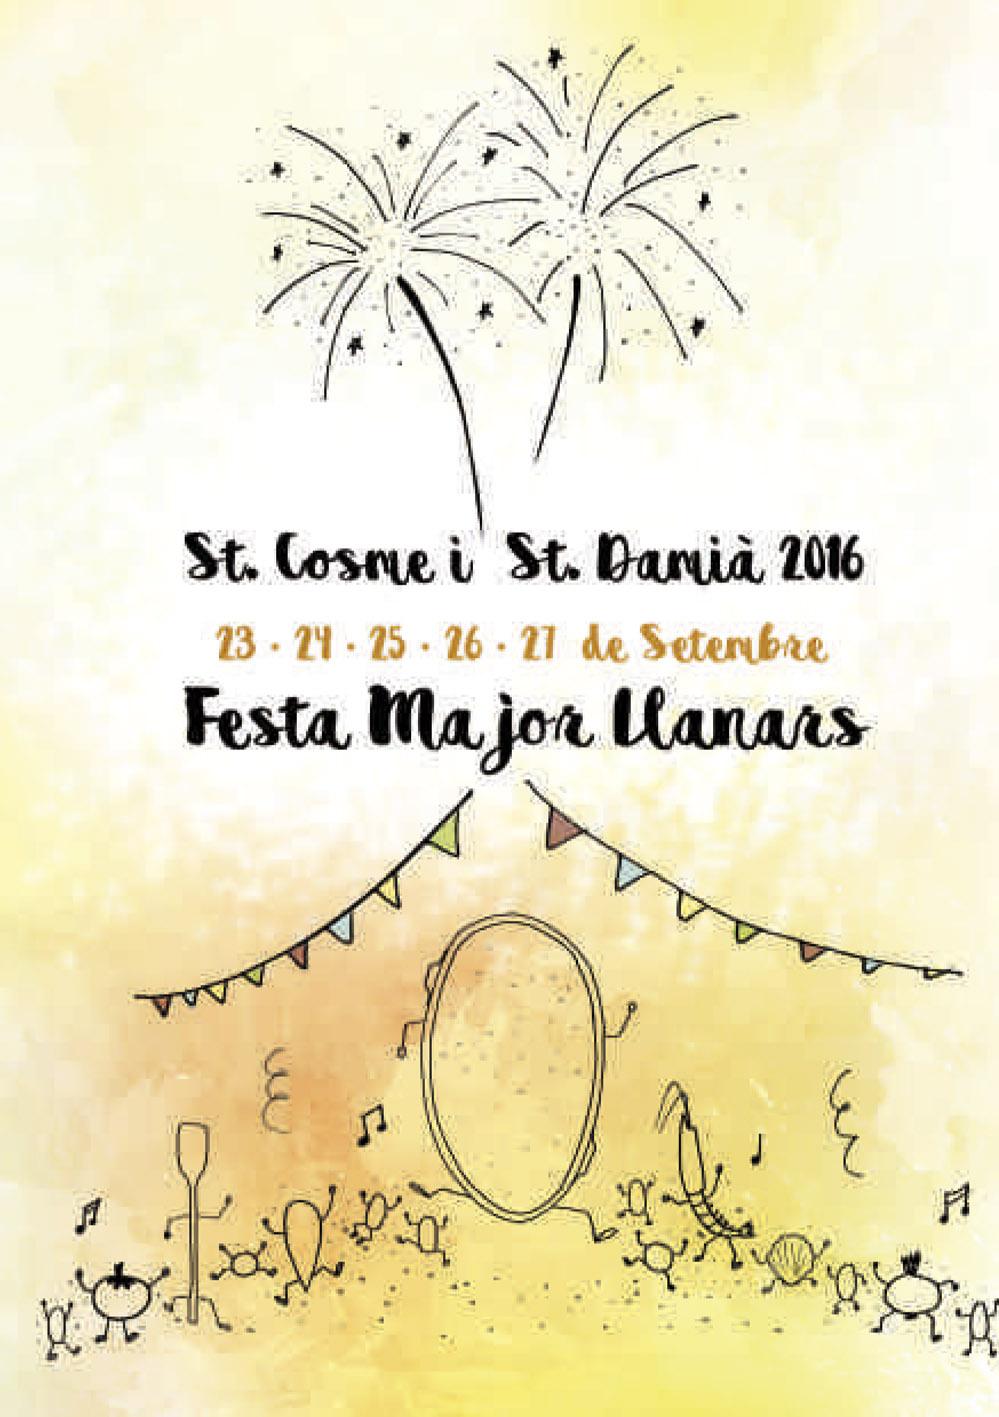 Llanars Festa Major 2016